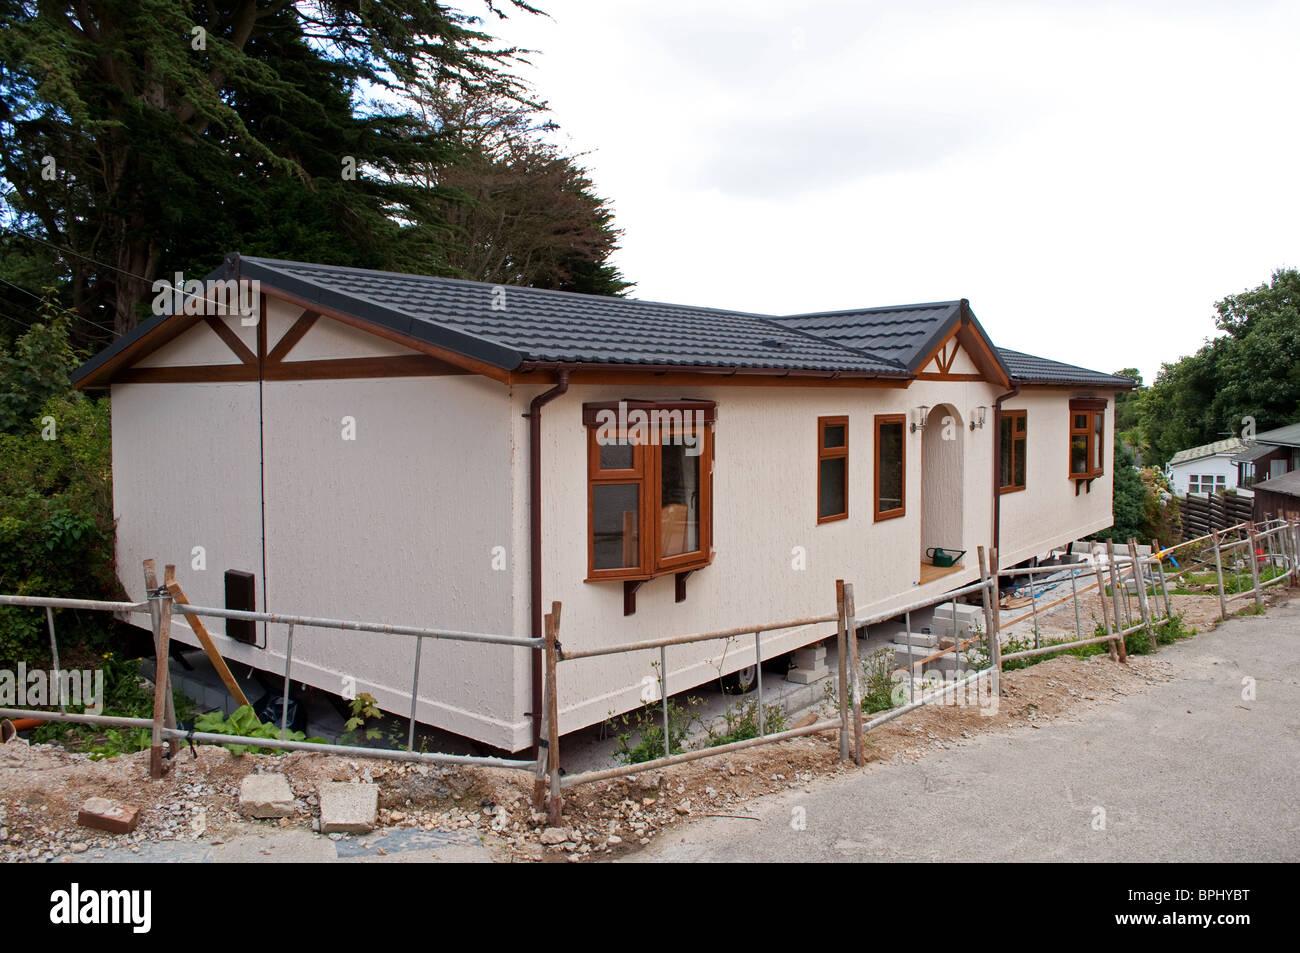 Mobilheim Mieten Cornwall : Ein neues mobilheim geliefert nur um einen ferienpark in der nähe